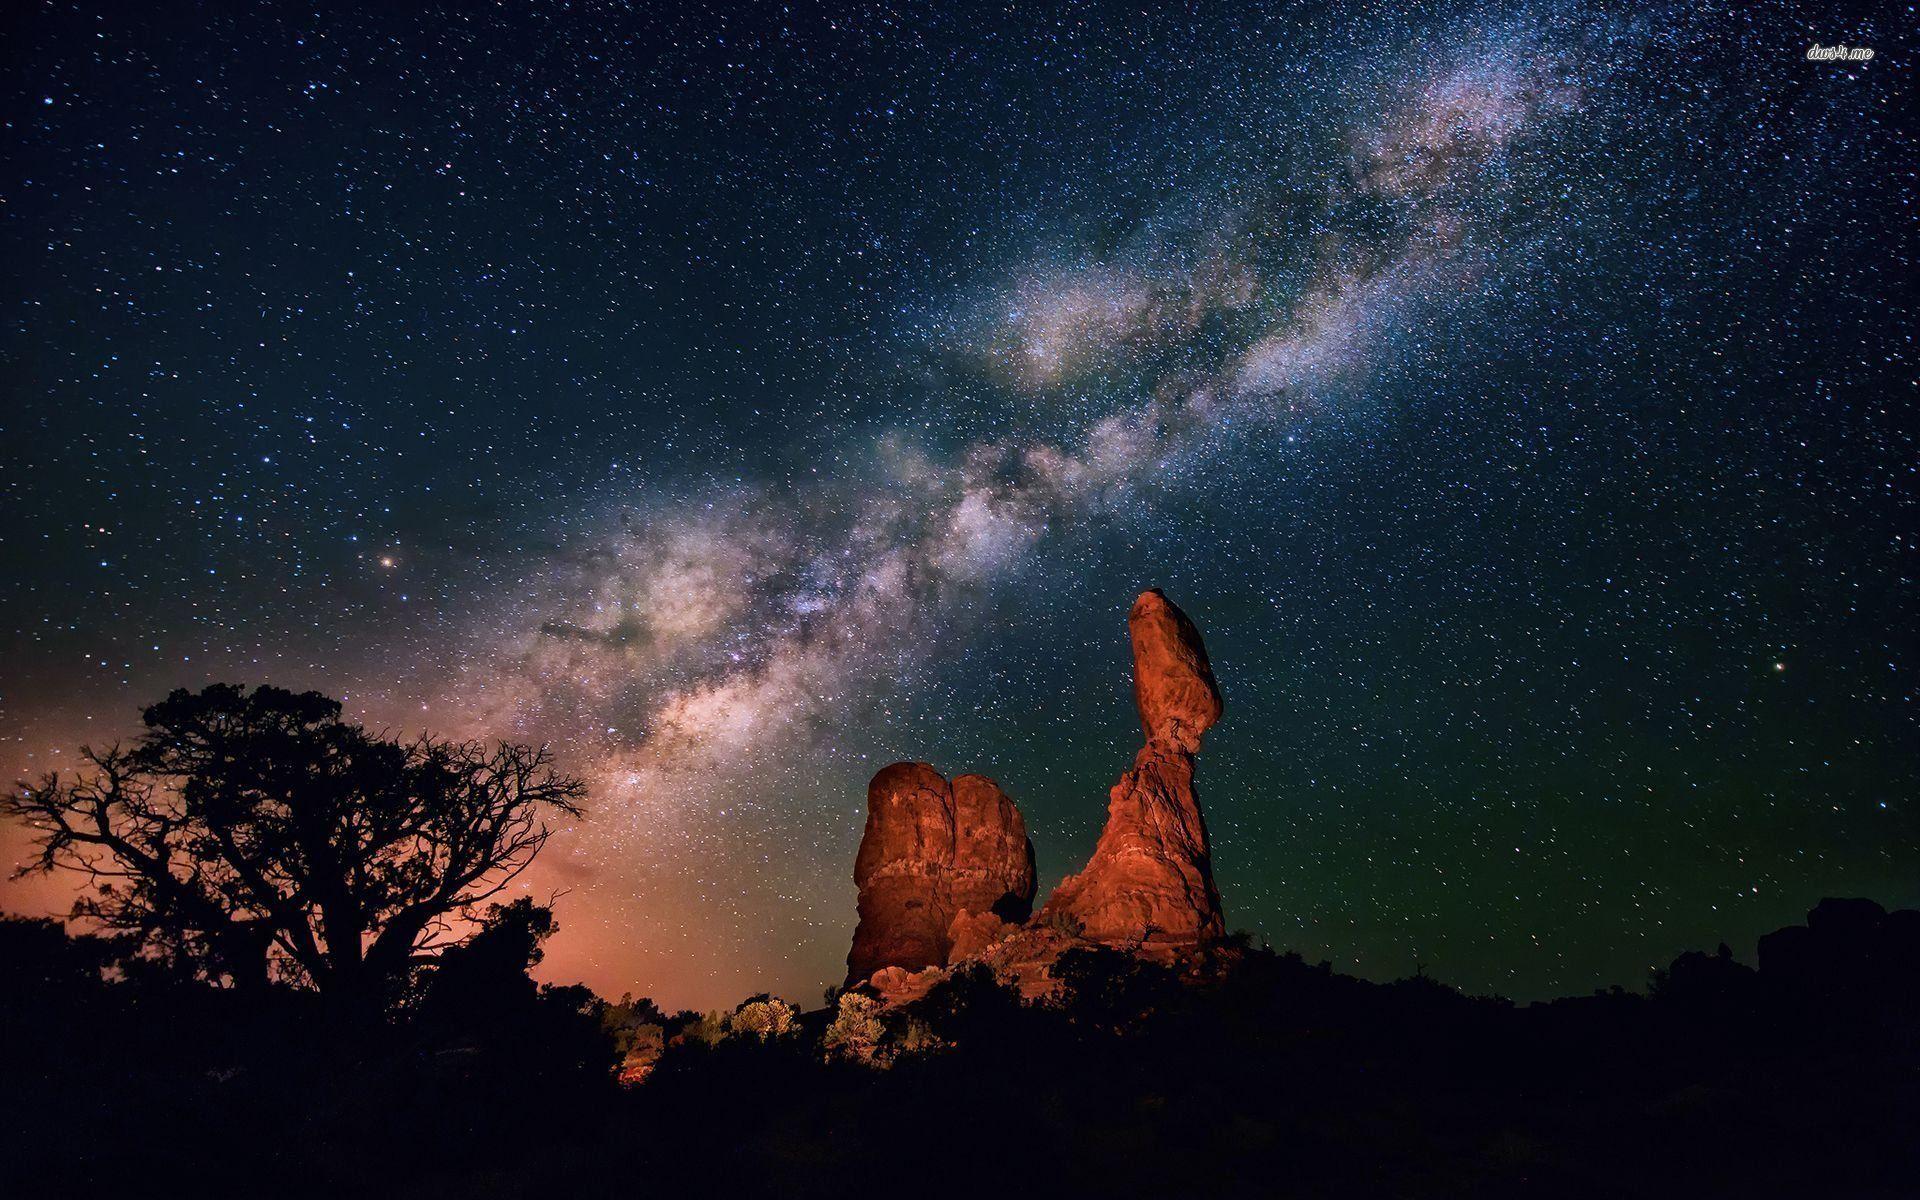 Popular Wallpaper Night Galaxy - 2c733f7fb2d66b4832f140c5356ad610  2018-6211100.jpg